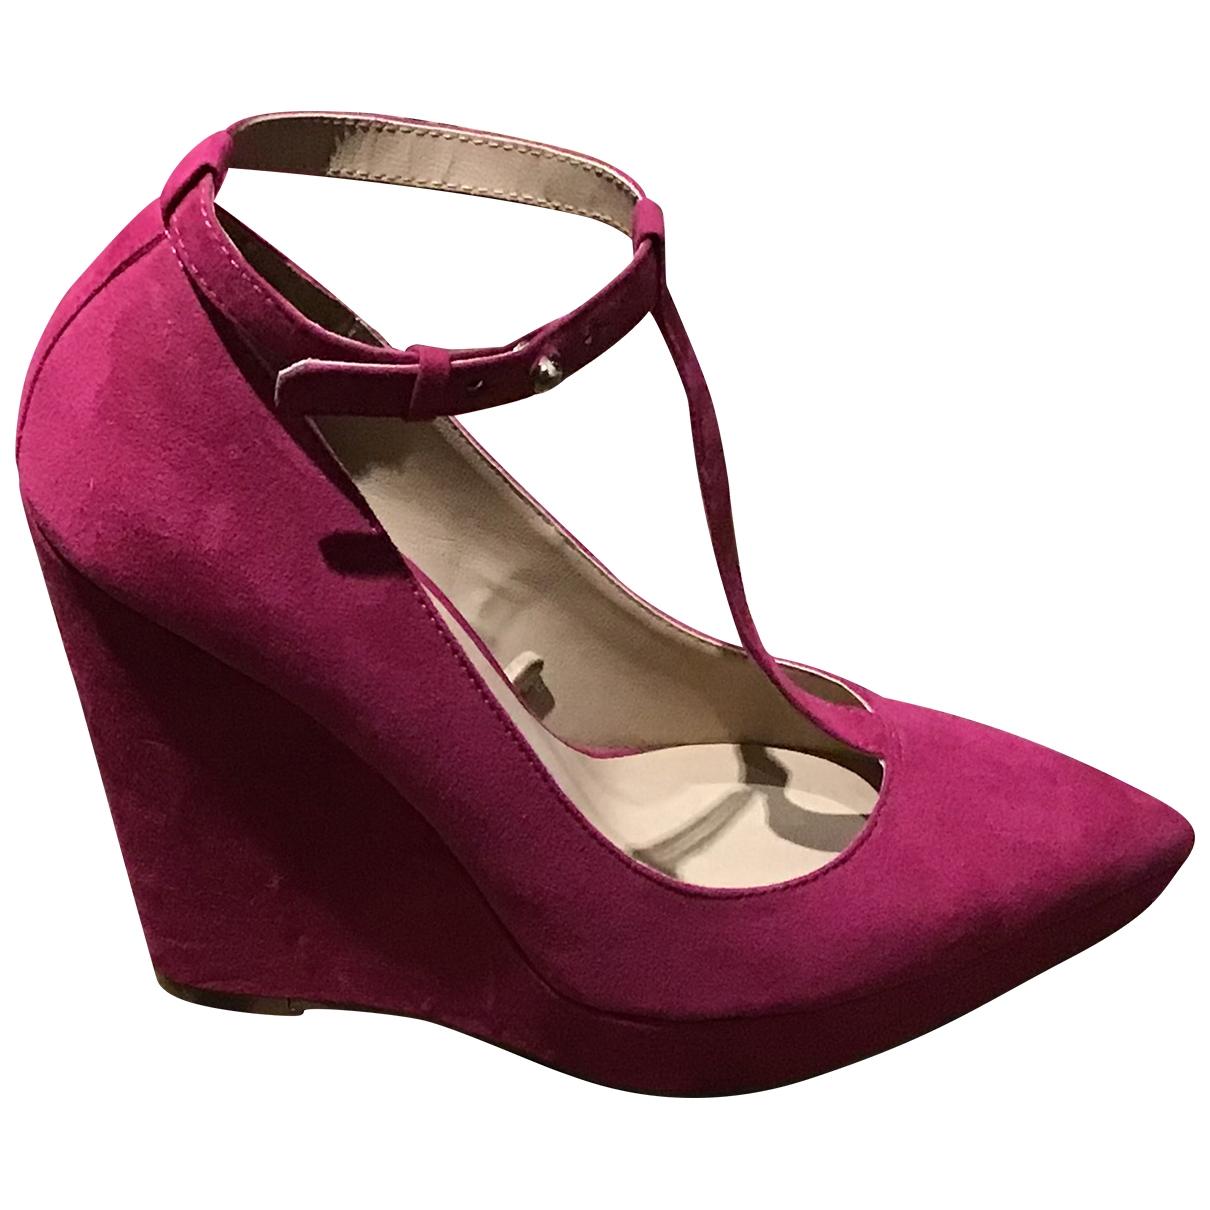 Zara - Escarpins   pour femme en toile - rose